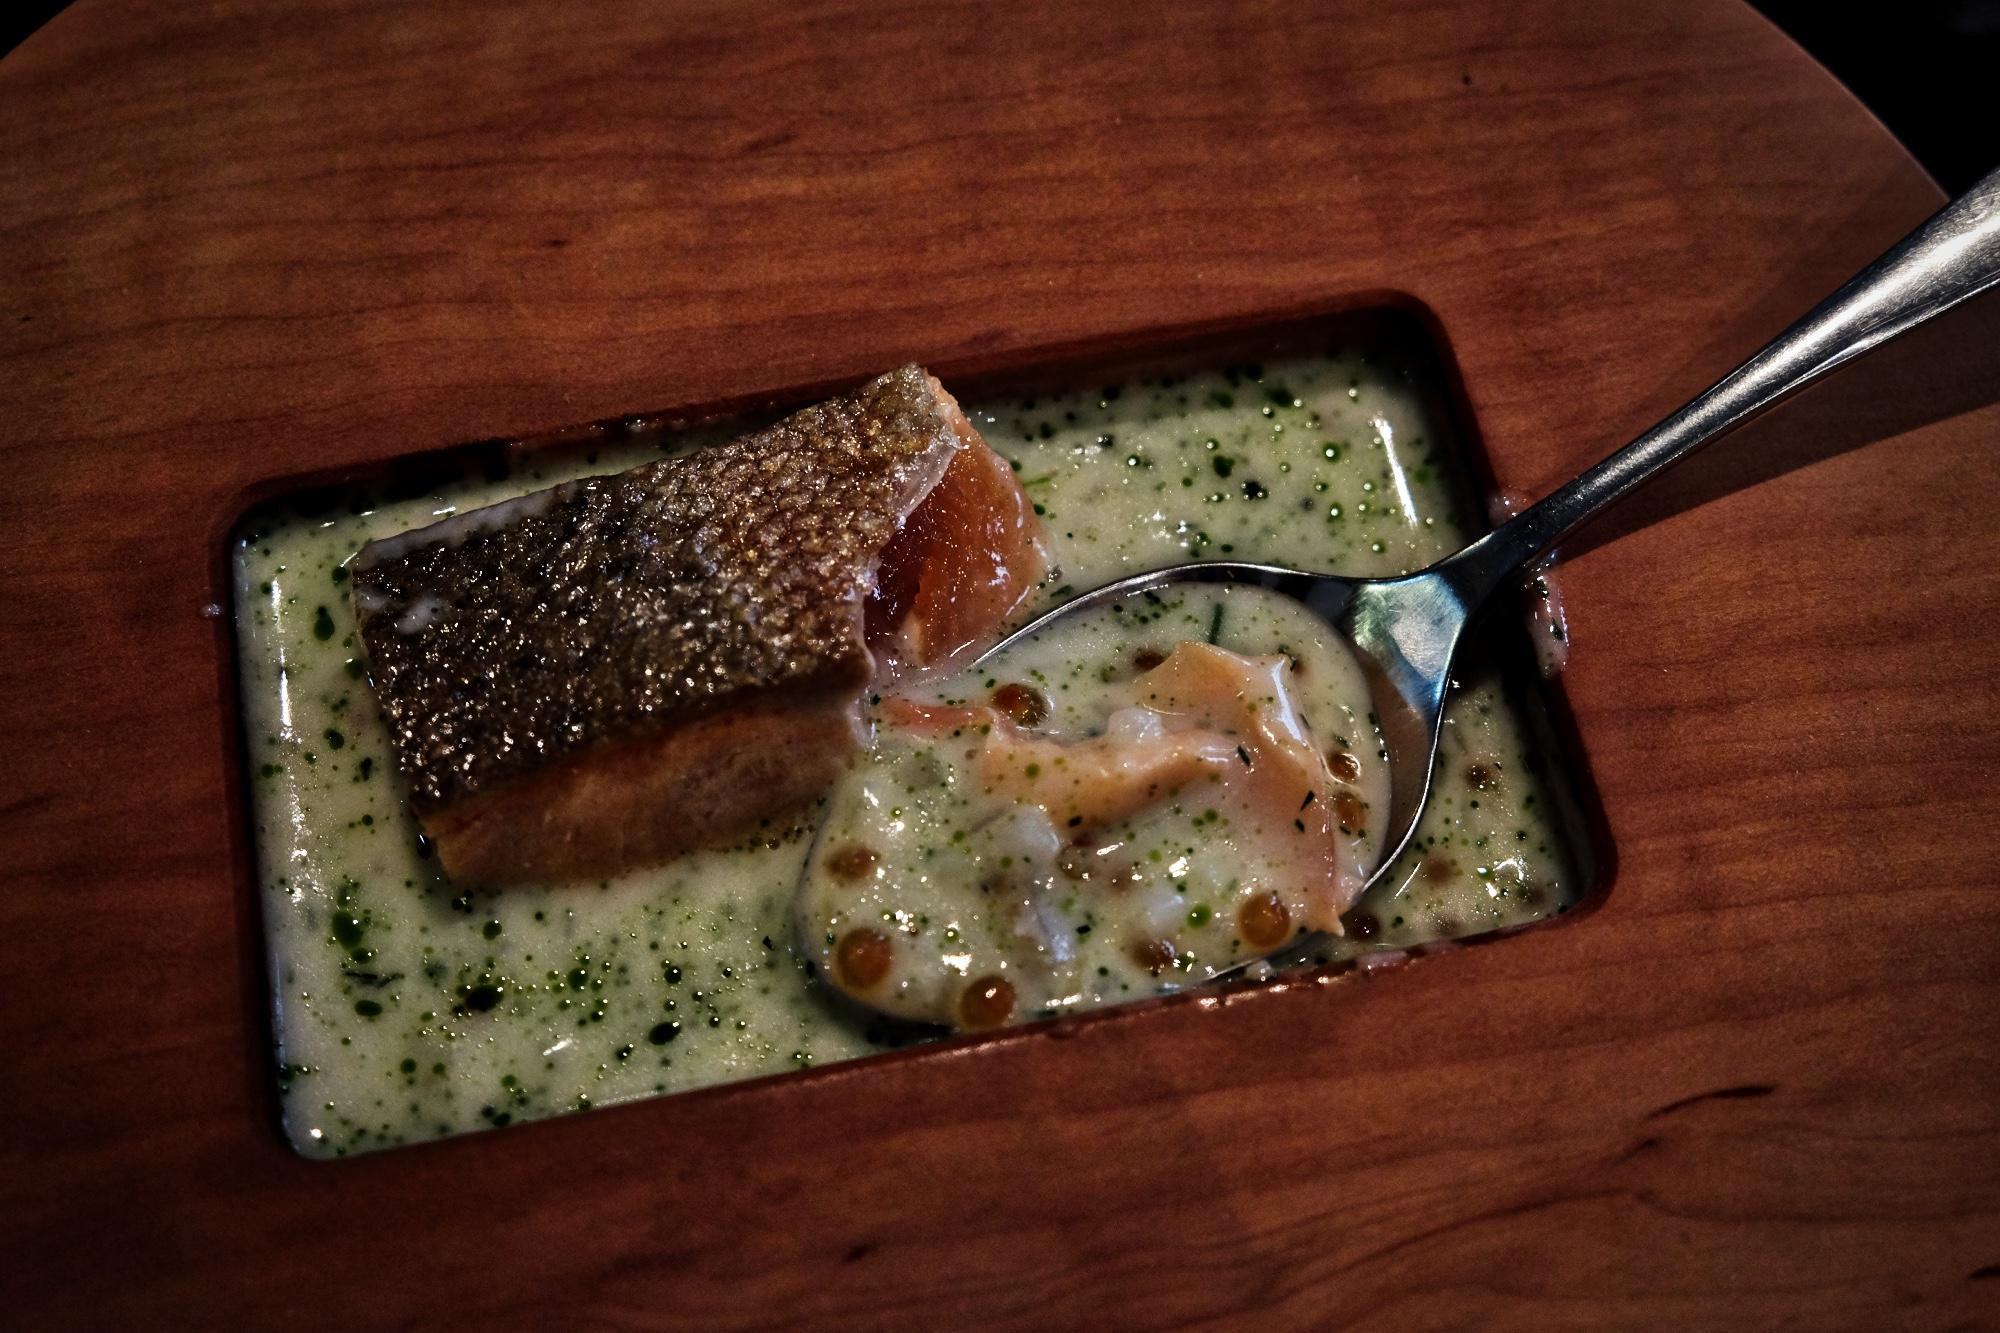 dscf8242_filippou_vienna_michelin_austria_restaurant_vilagevo_jokuti_andras_l.jpeg